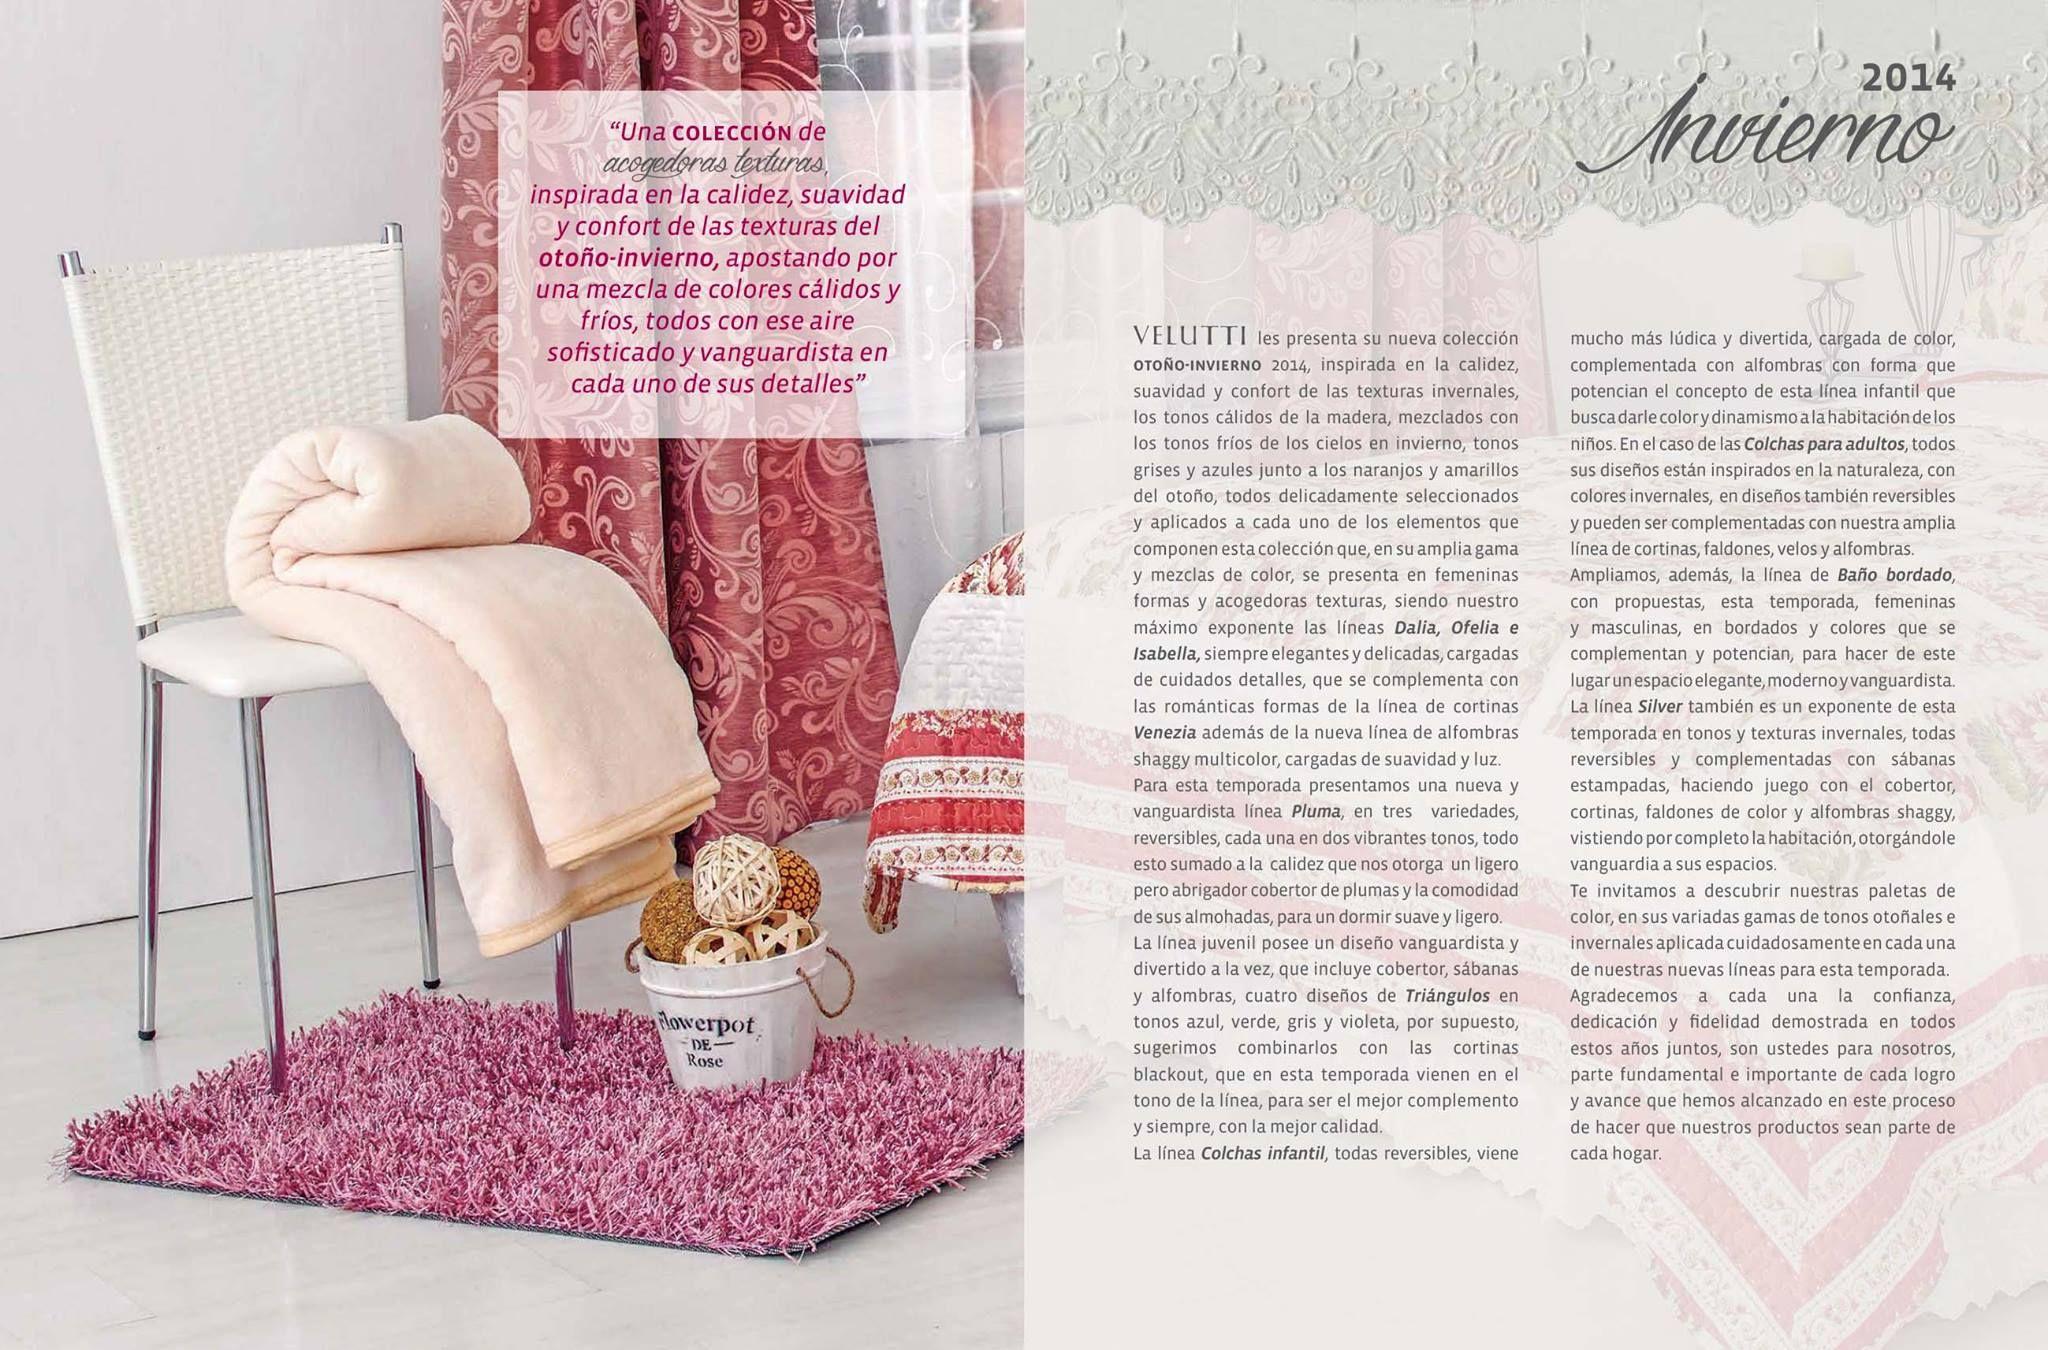 Catalogo Velutti textiles para hogar colección otoño/invierno 2014